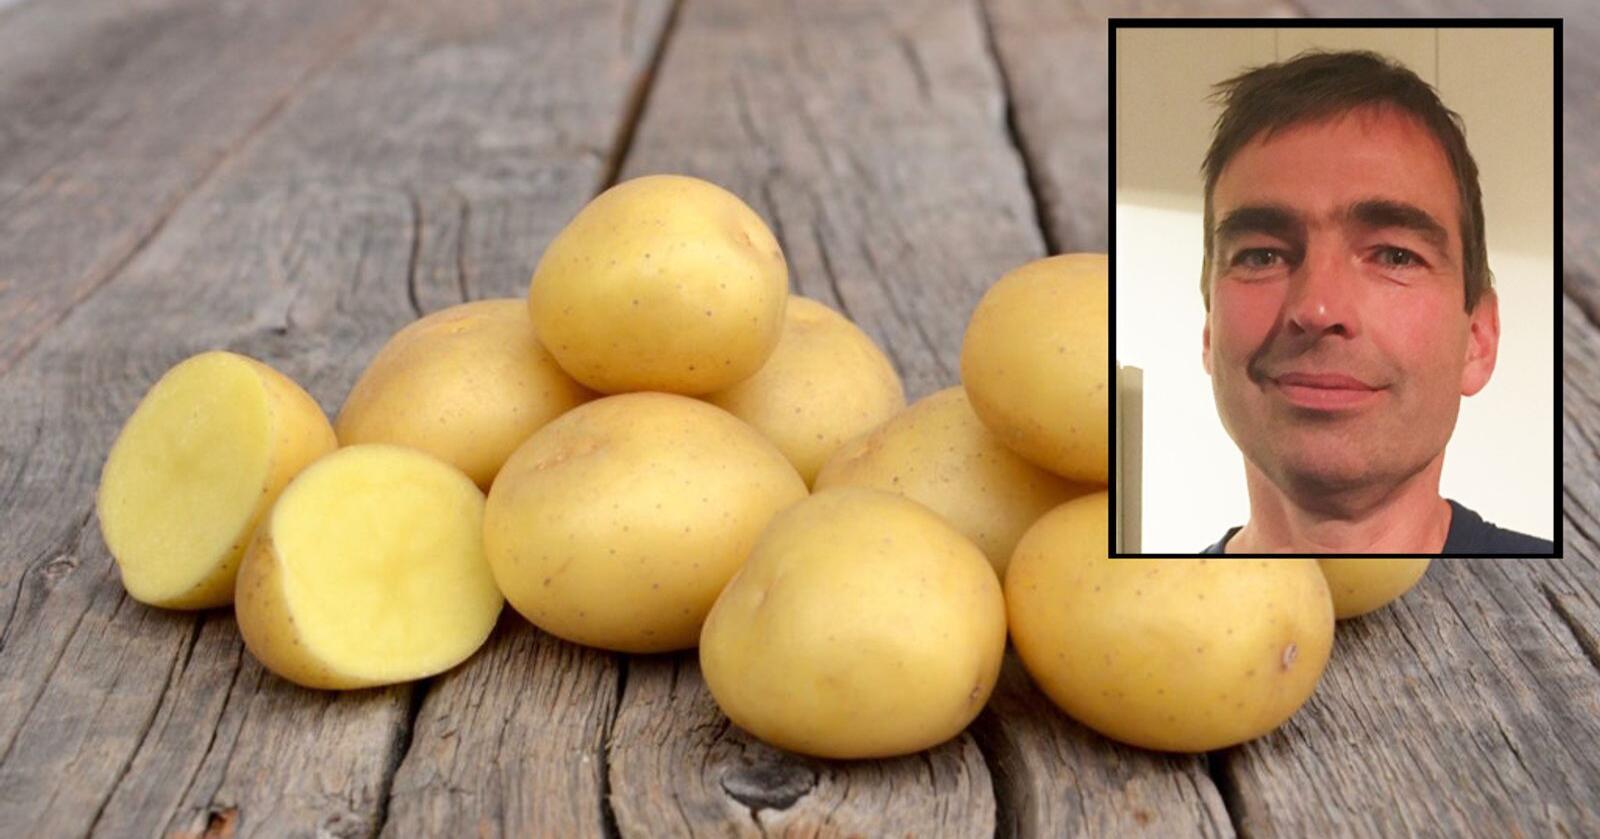 Produktsjef for settepotet i Strand Unikorn, Hans Arne Krogsti, har tro på at potetsorten Anouk kan utfordre franske Amandine og Anoe. Utfordringen er å få produsert nok av den. Foto: Strand Unikorn